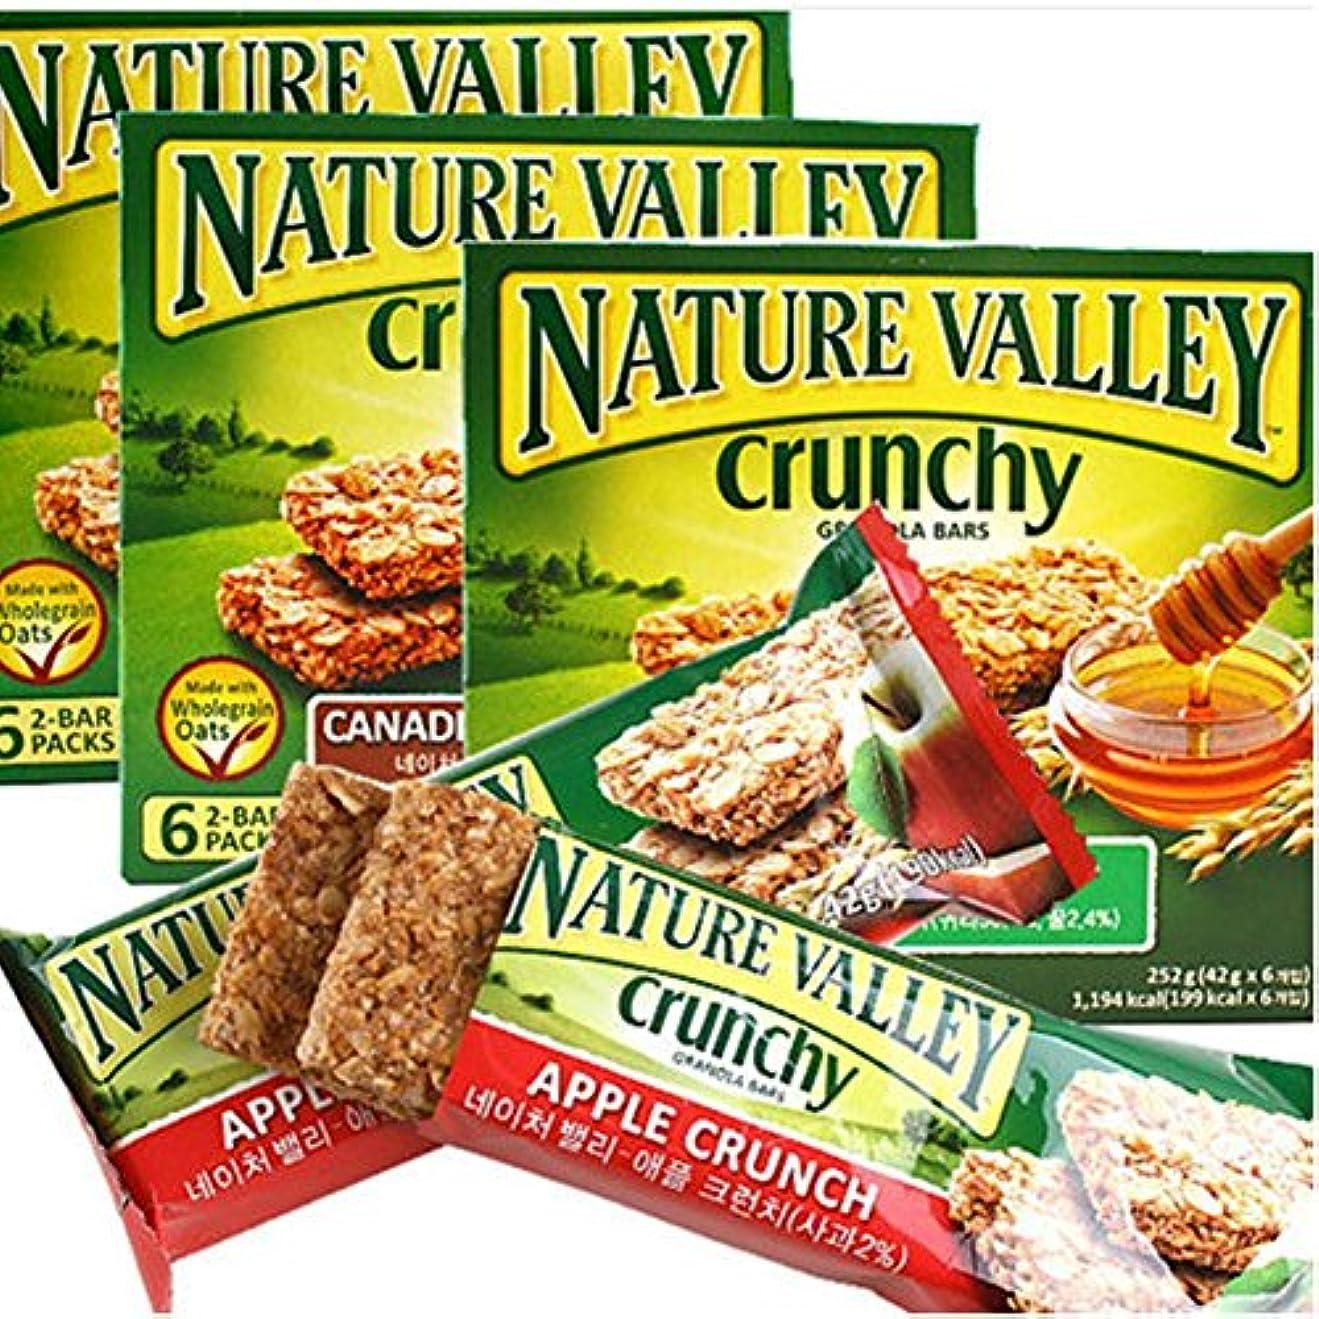 インゲンパットヒール[ネイチャーバレー/Nature Valley] APPLE CRUNCH SYRUP/ネイチャーバレークランチグラノーラバー42g5パックx3 Box - アップルクランチシロップ(合計15袋)穀物バー/シリアル/栄養...